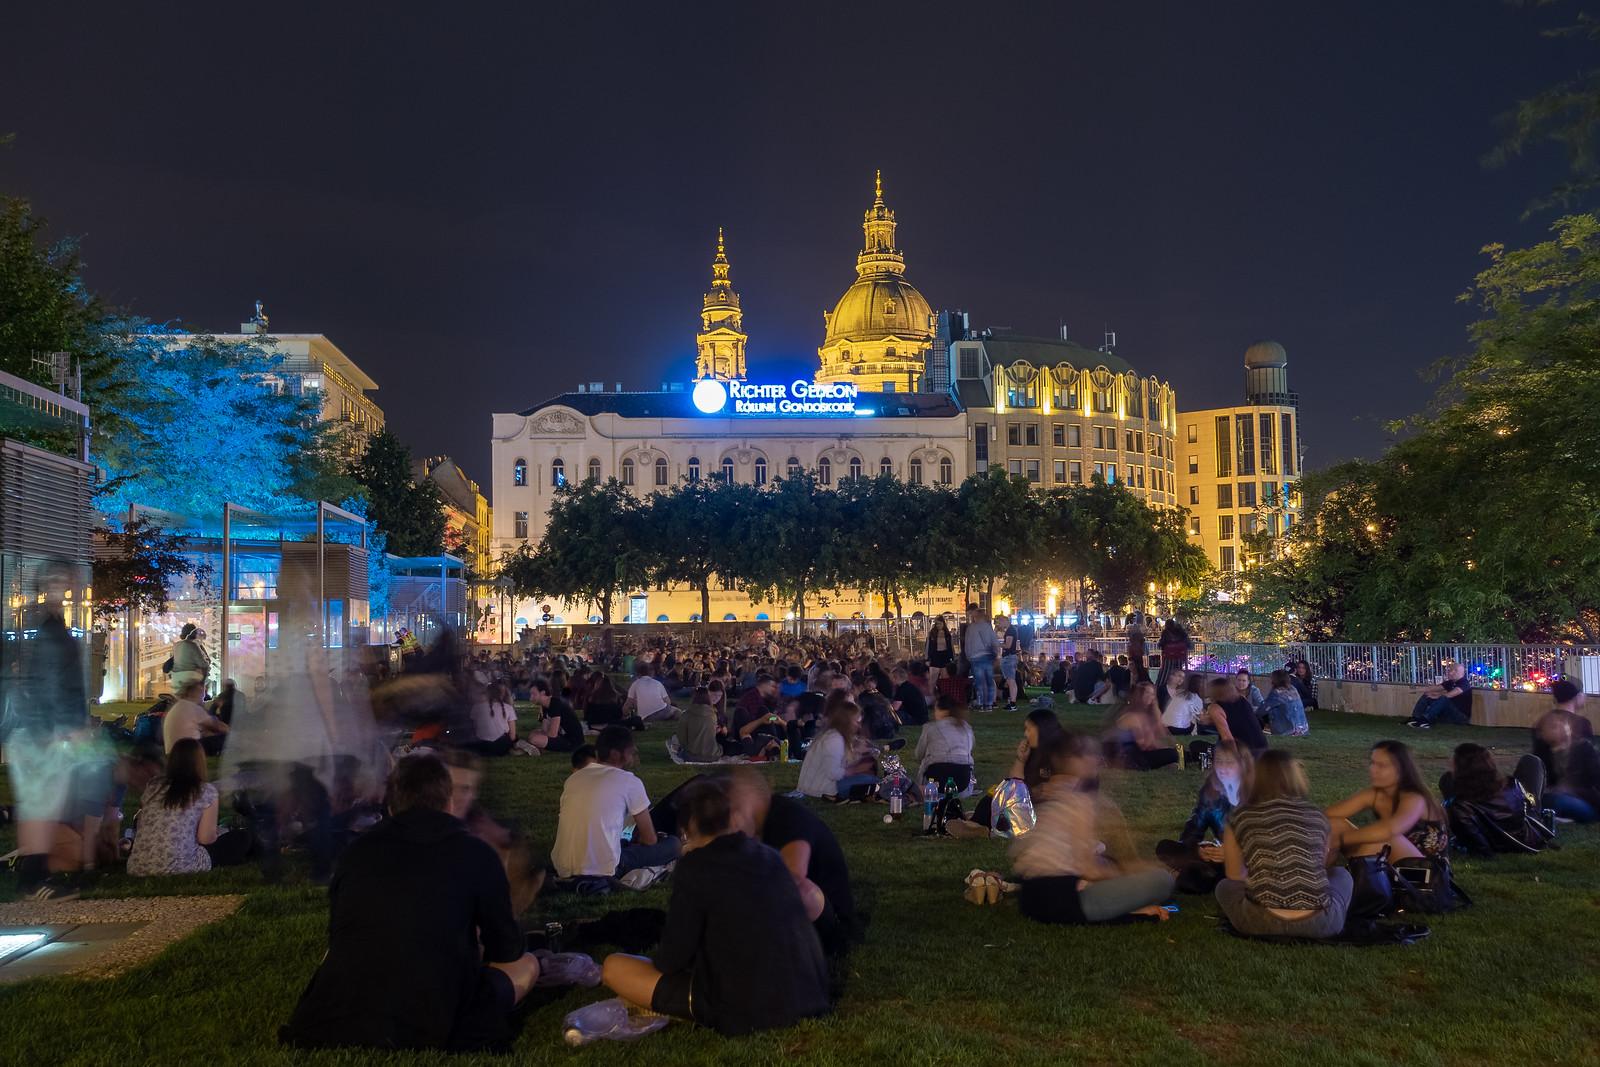 Fiatalok gyülekeznek az Erzsébet téren egy meleg nyári estén